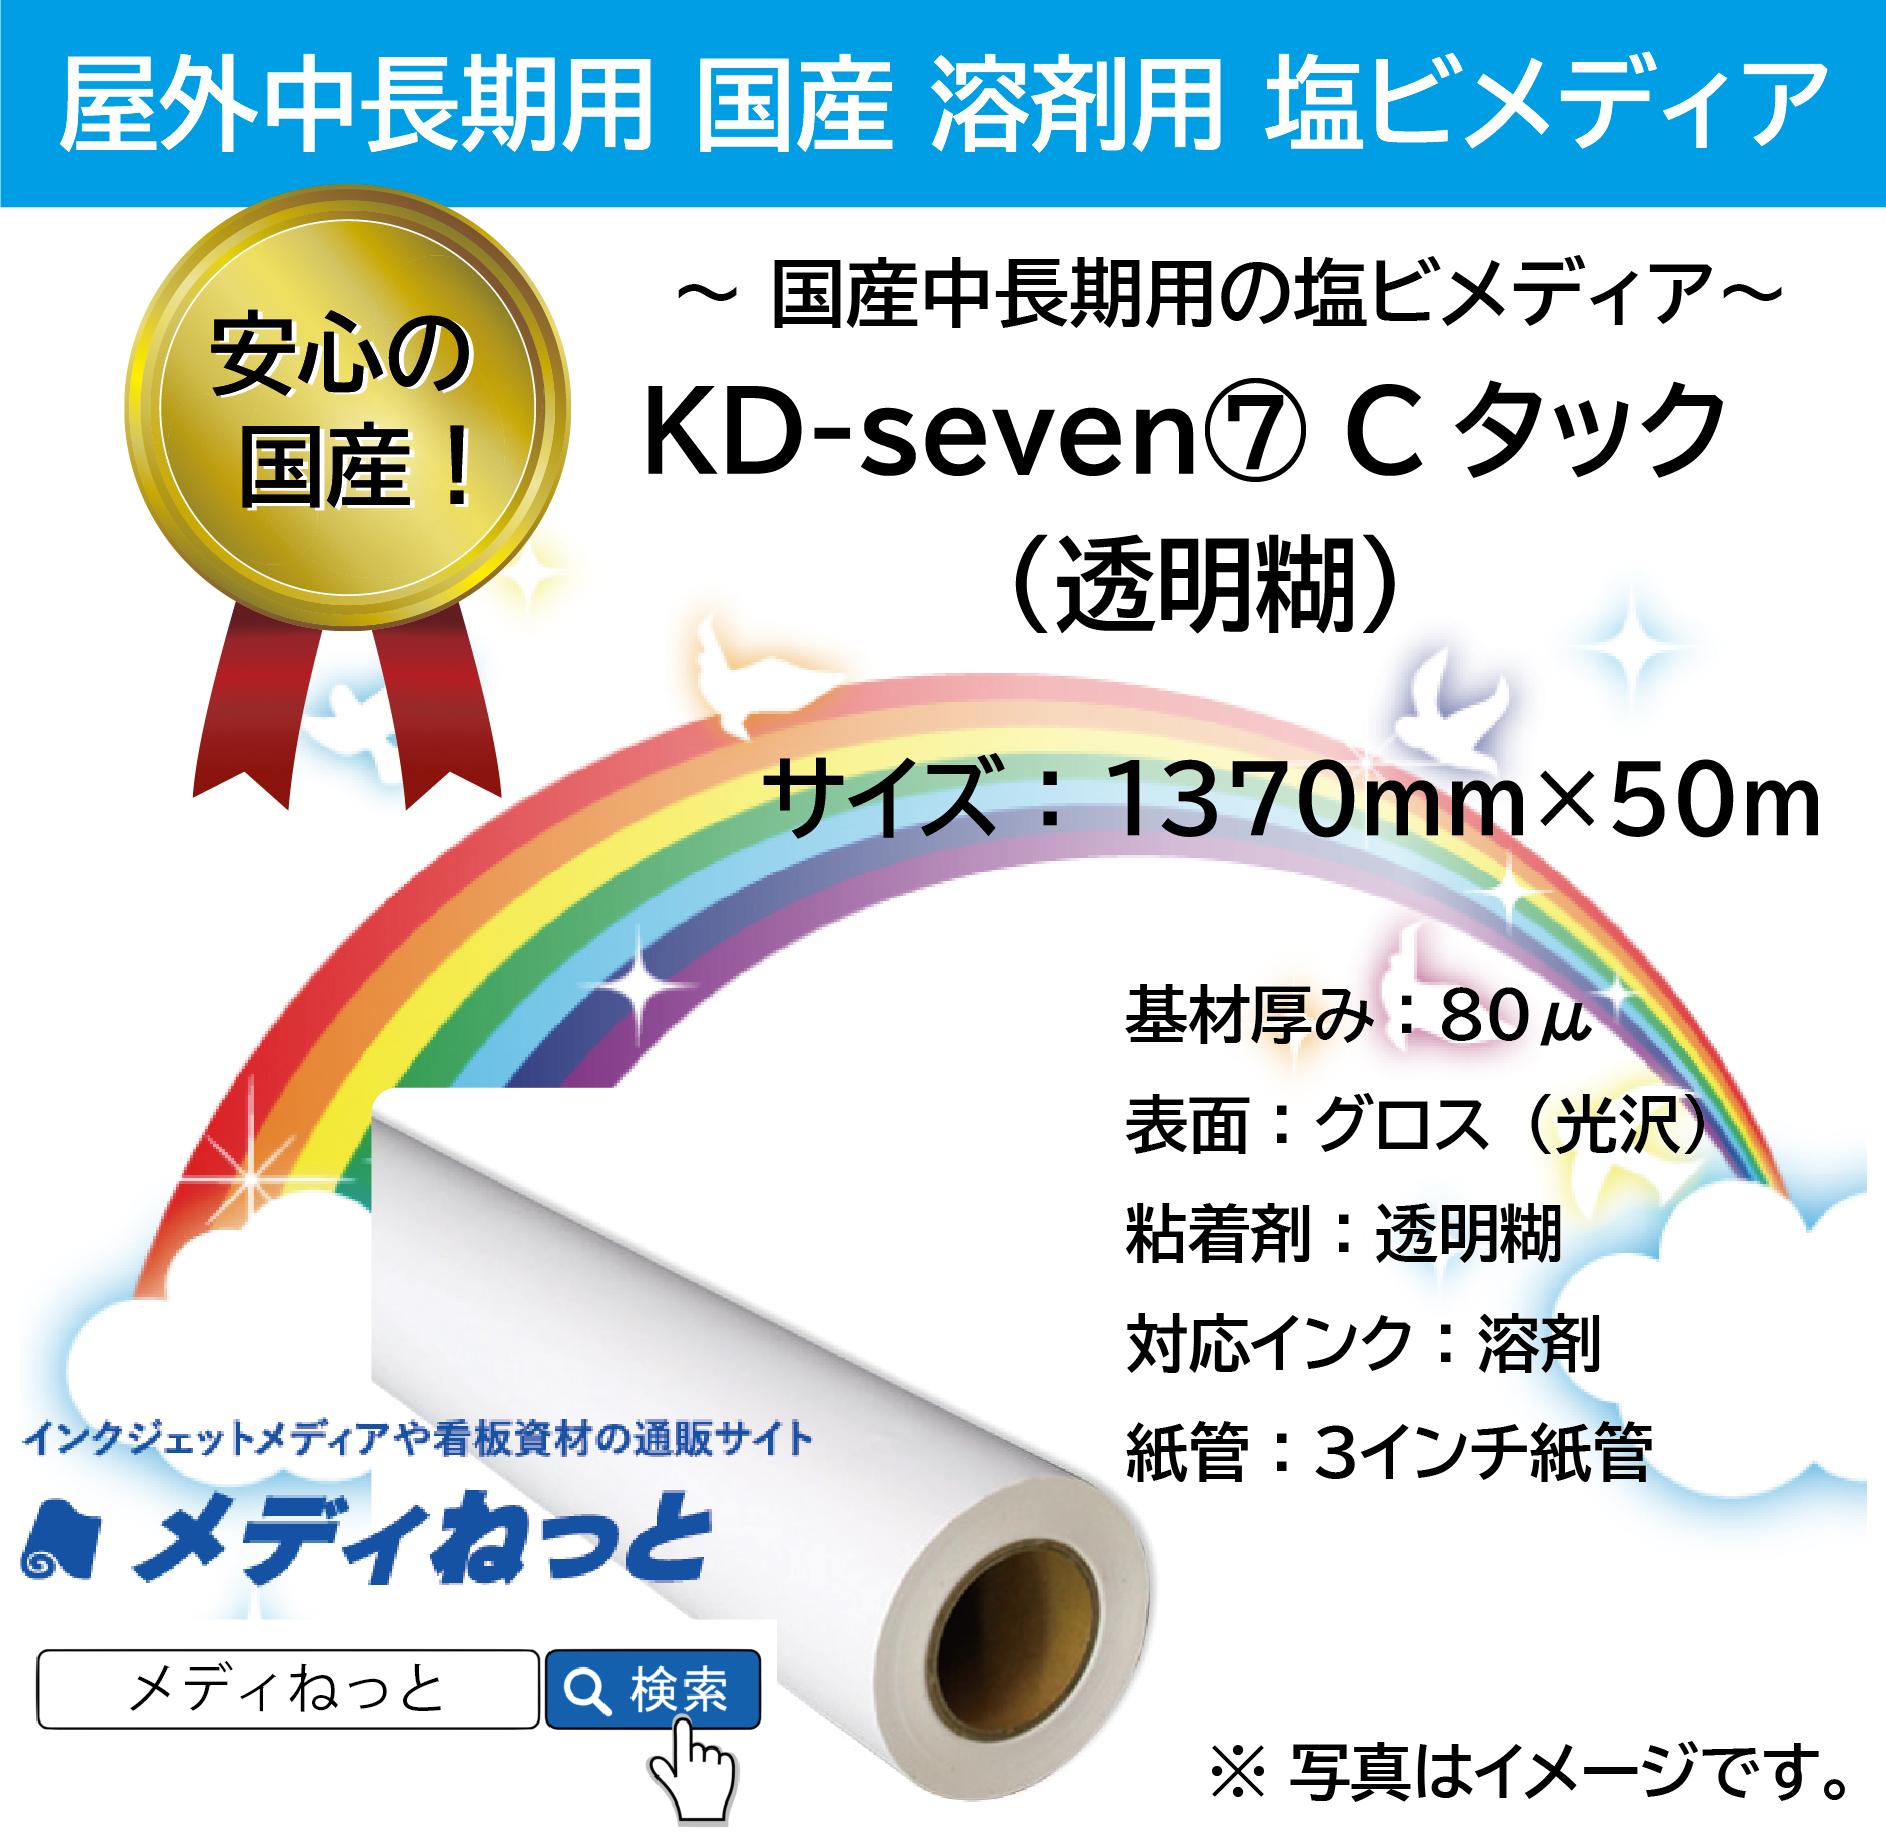 国産中長期グロス塩ビ(透明糊) KD-seven7 Cタック 1370mm×50m